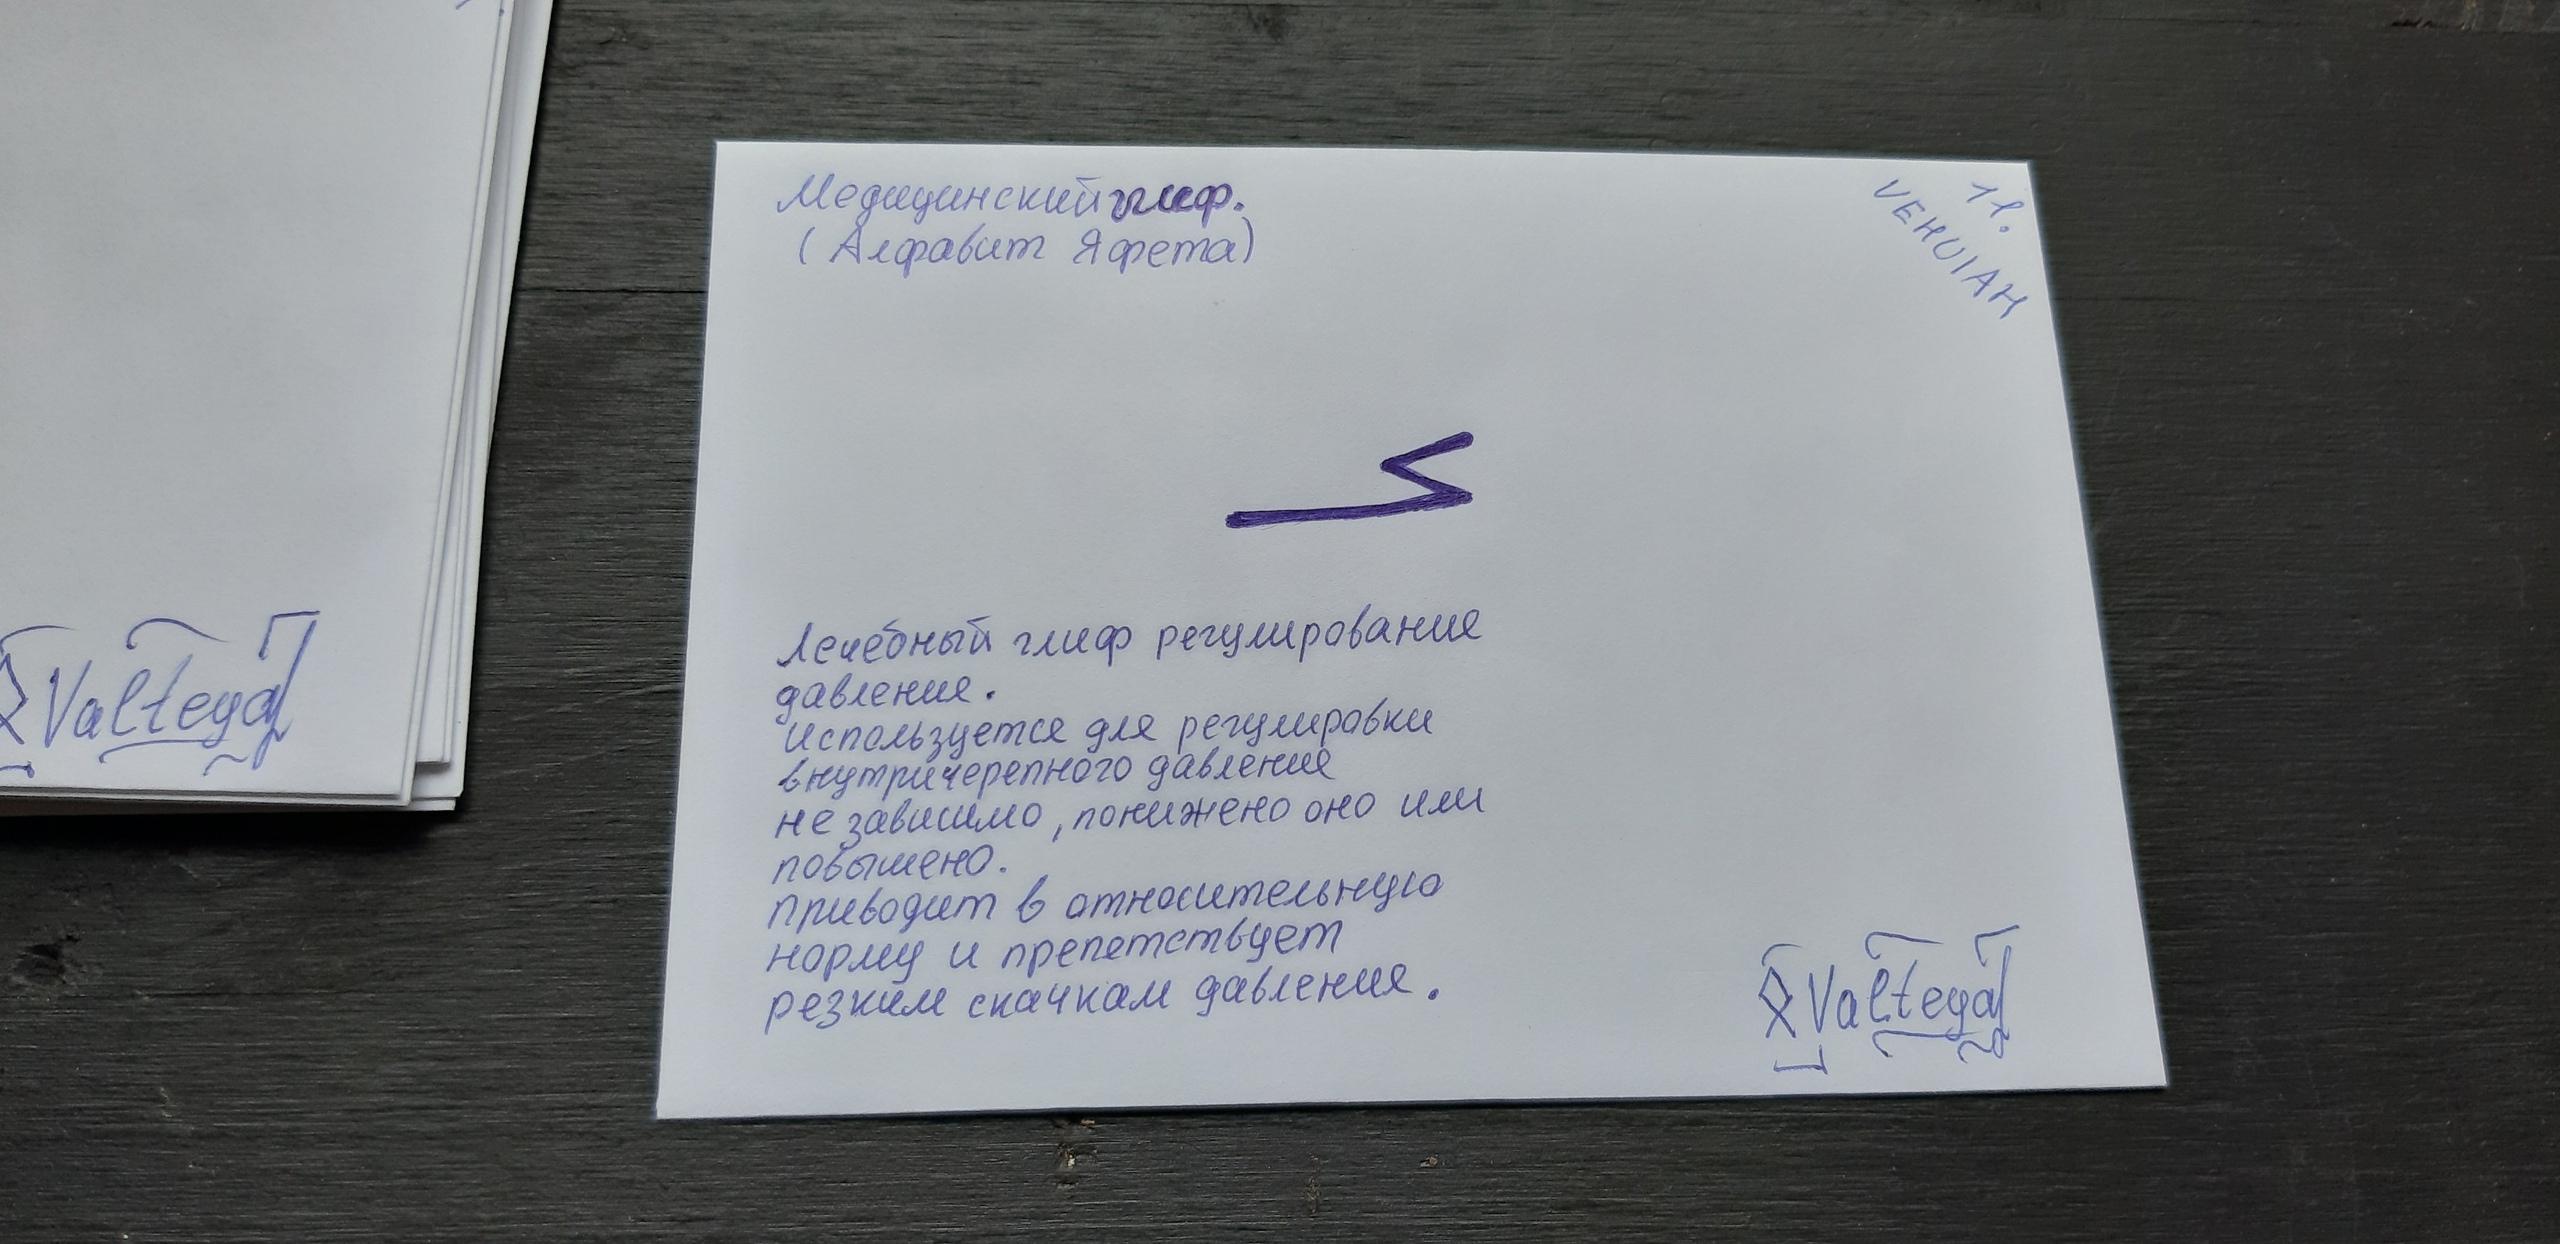 Конверты медицинские глифы. Алфавит Яфета 7-CjkF40c4w